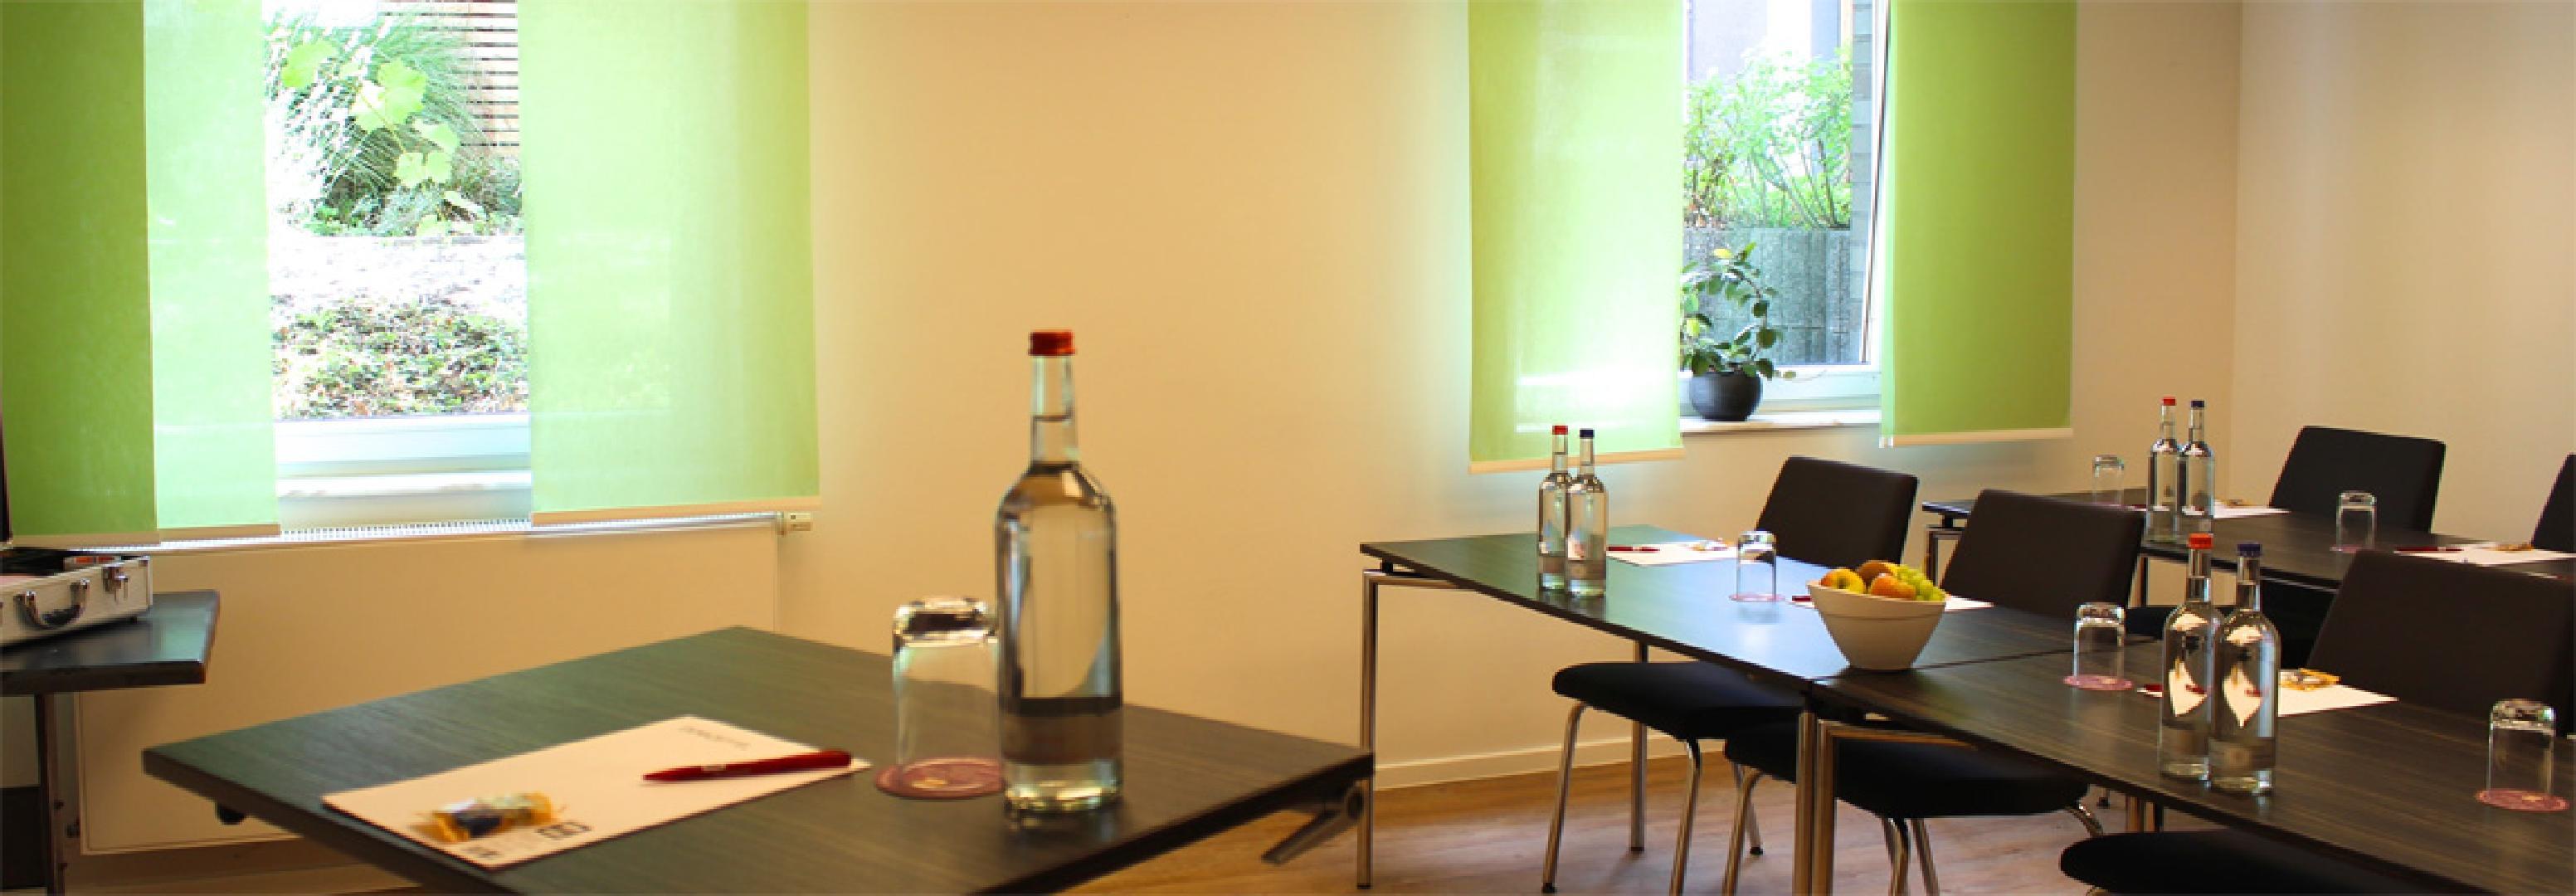 Bild 3 von Hotel VIVA CREATIVO - Hotel in Hannover